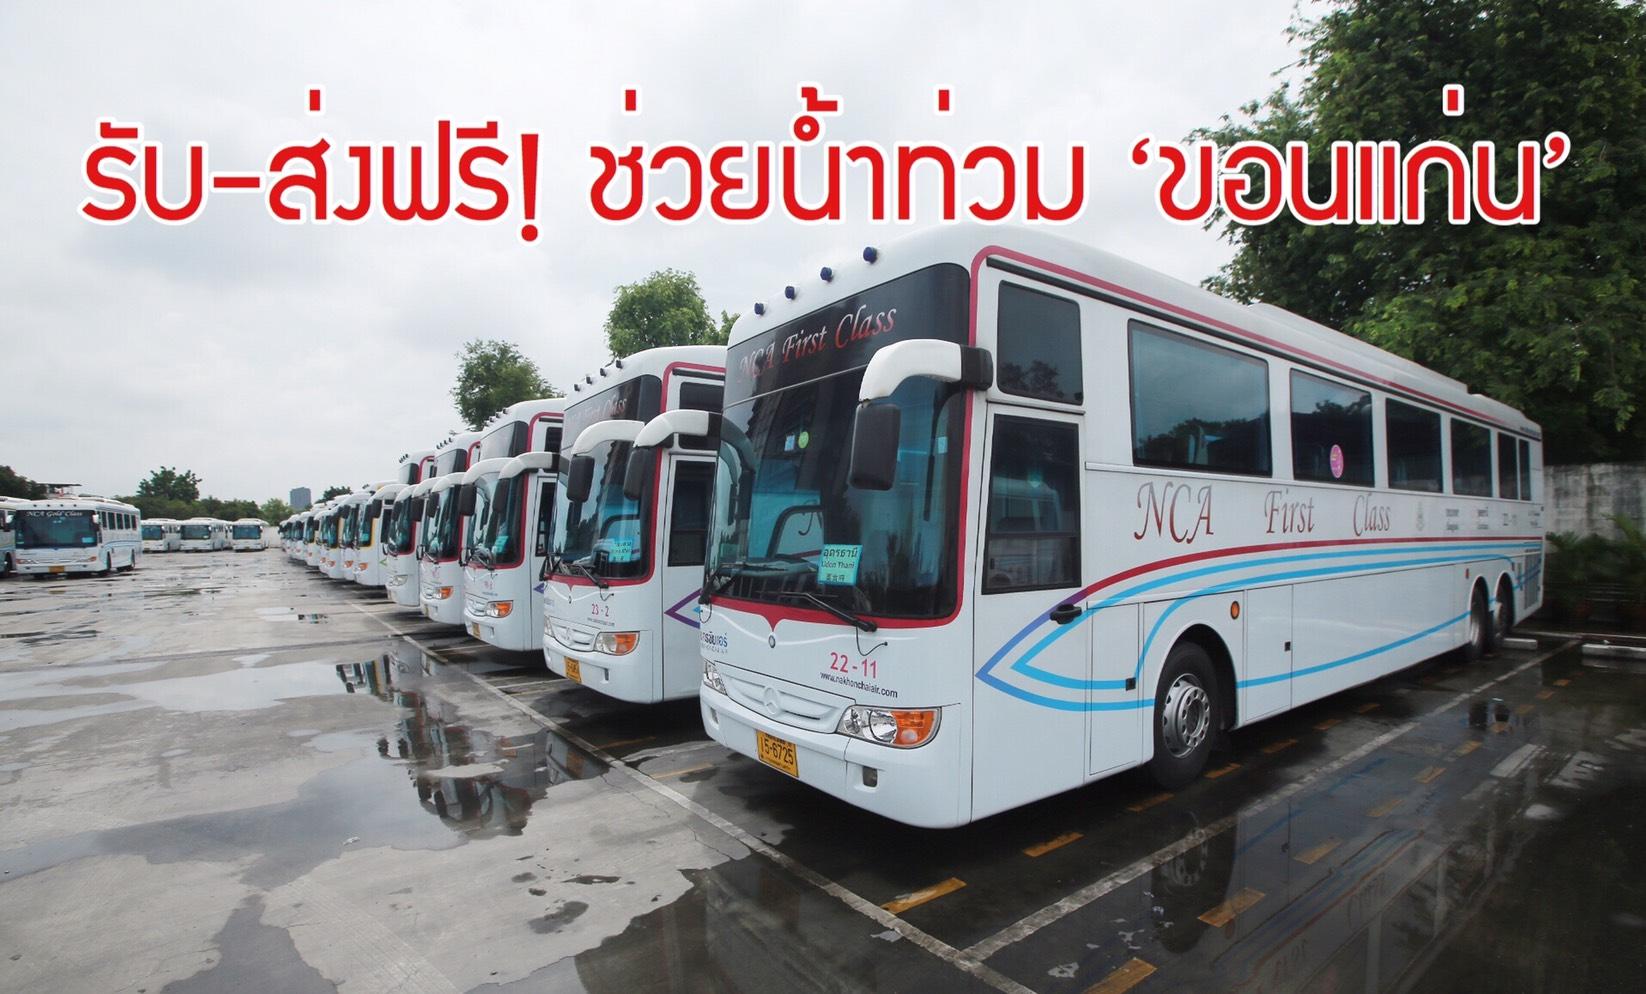 'นครชัยแอร์' ร่วมด้วยช่วยน้ำท่วม จัด Shuttle bus รับ-ส่งฟรีทุกวัน 'สถานีเดินรถนครชัยแอร์-ม.ขอนแก่น'